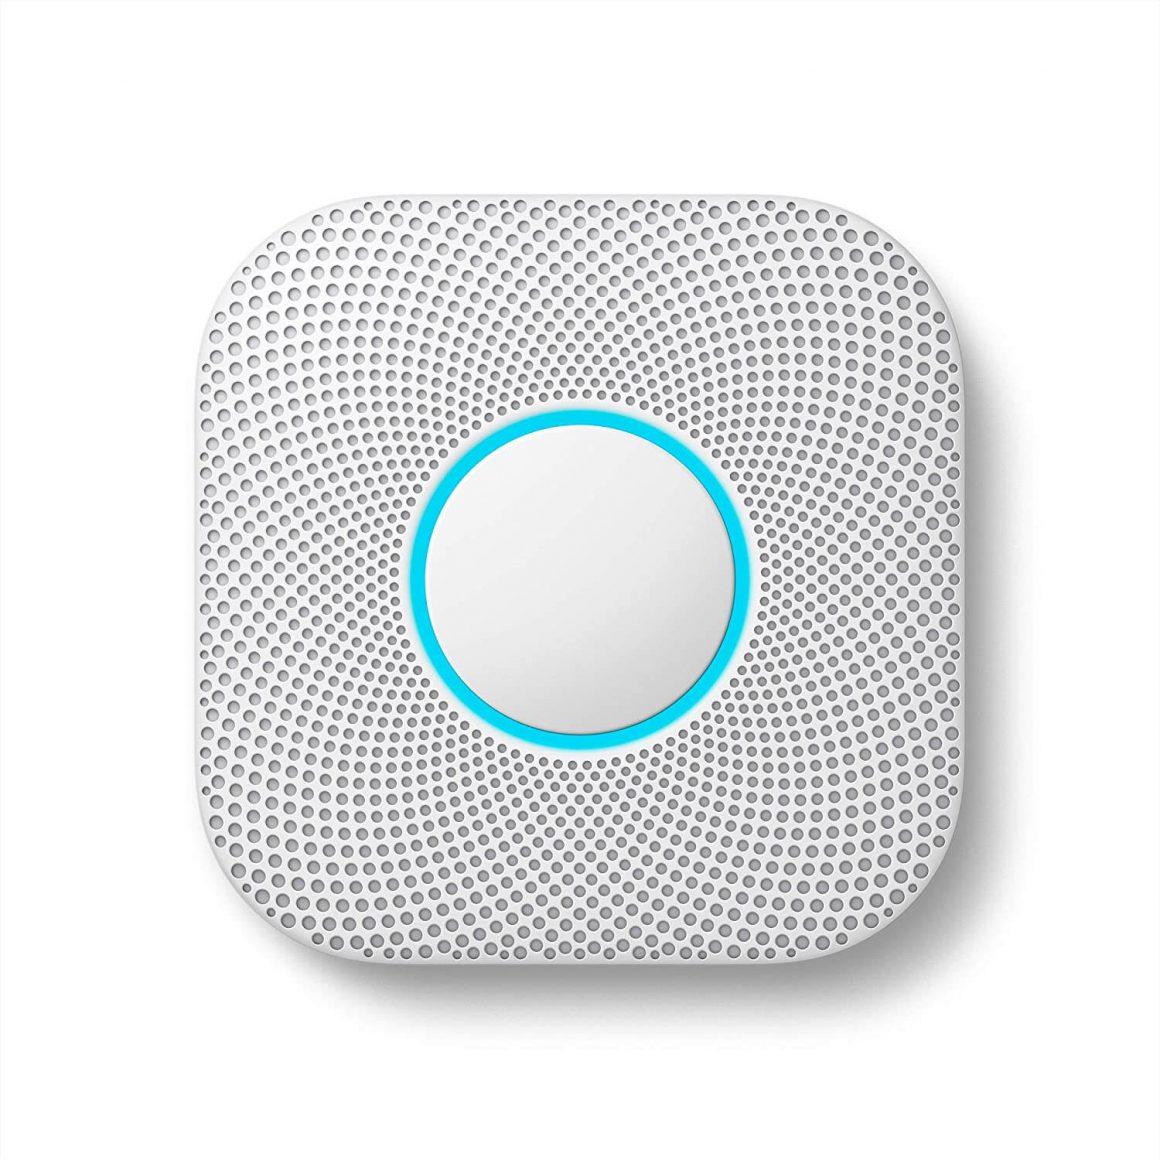 Google Nest Smoke Alarm